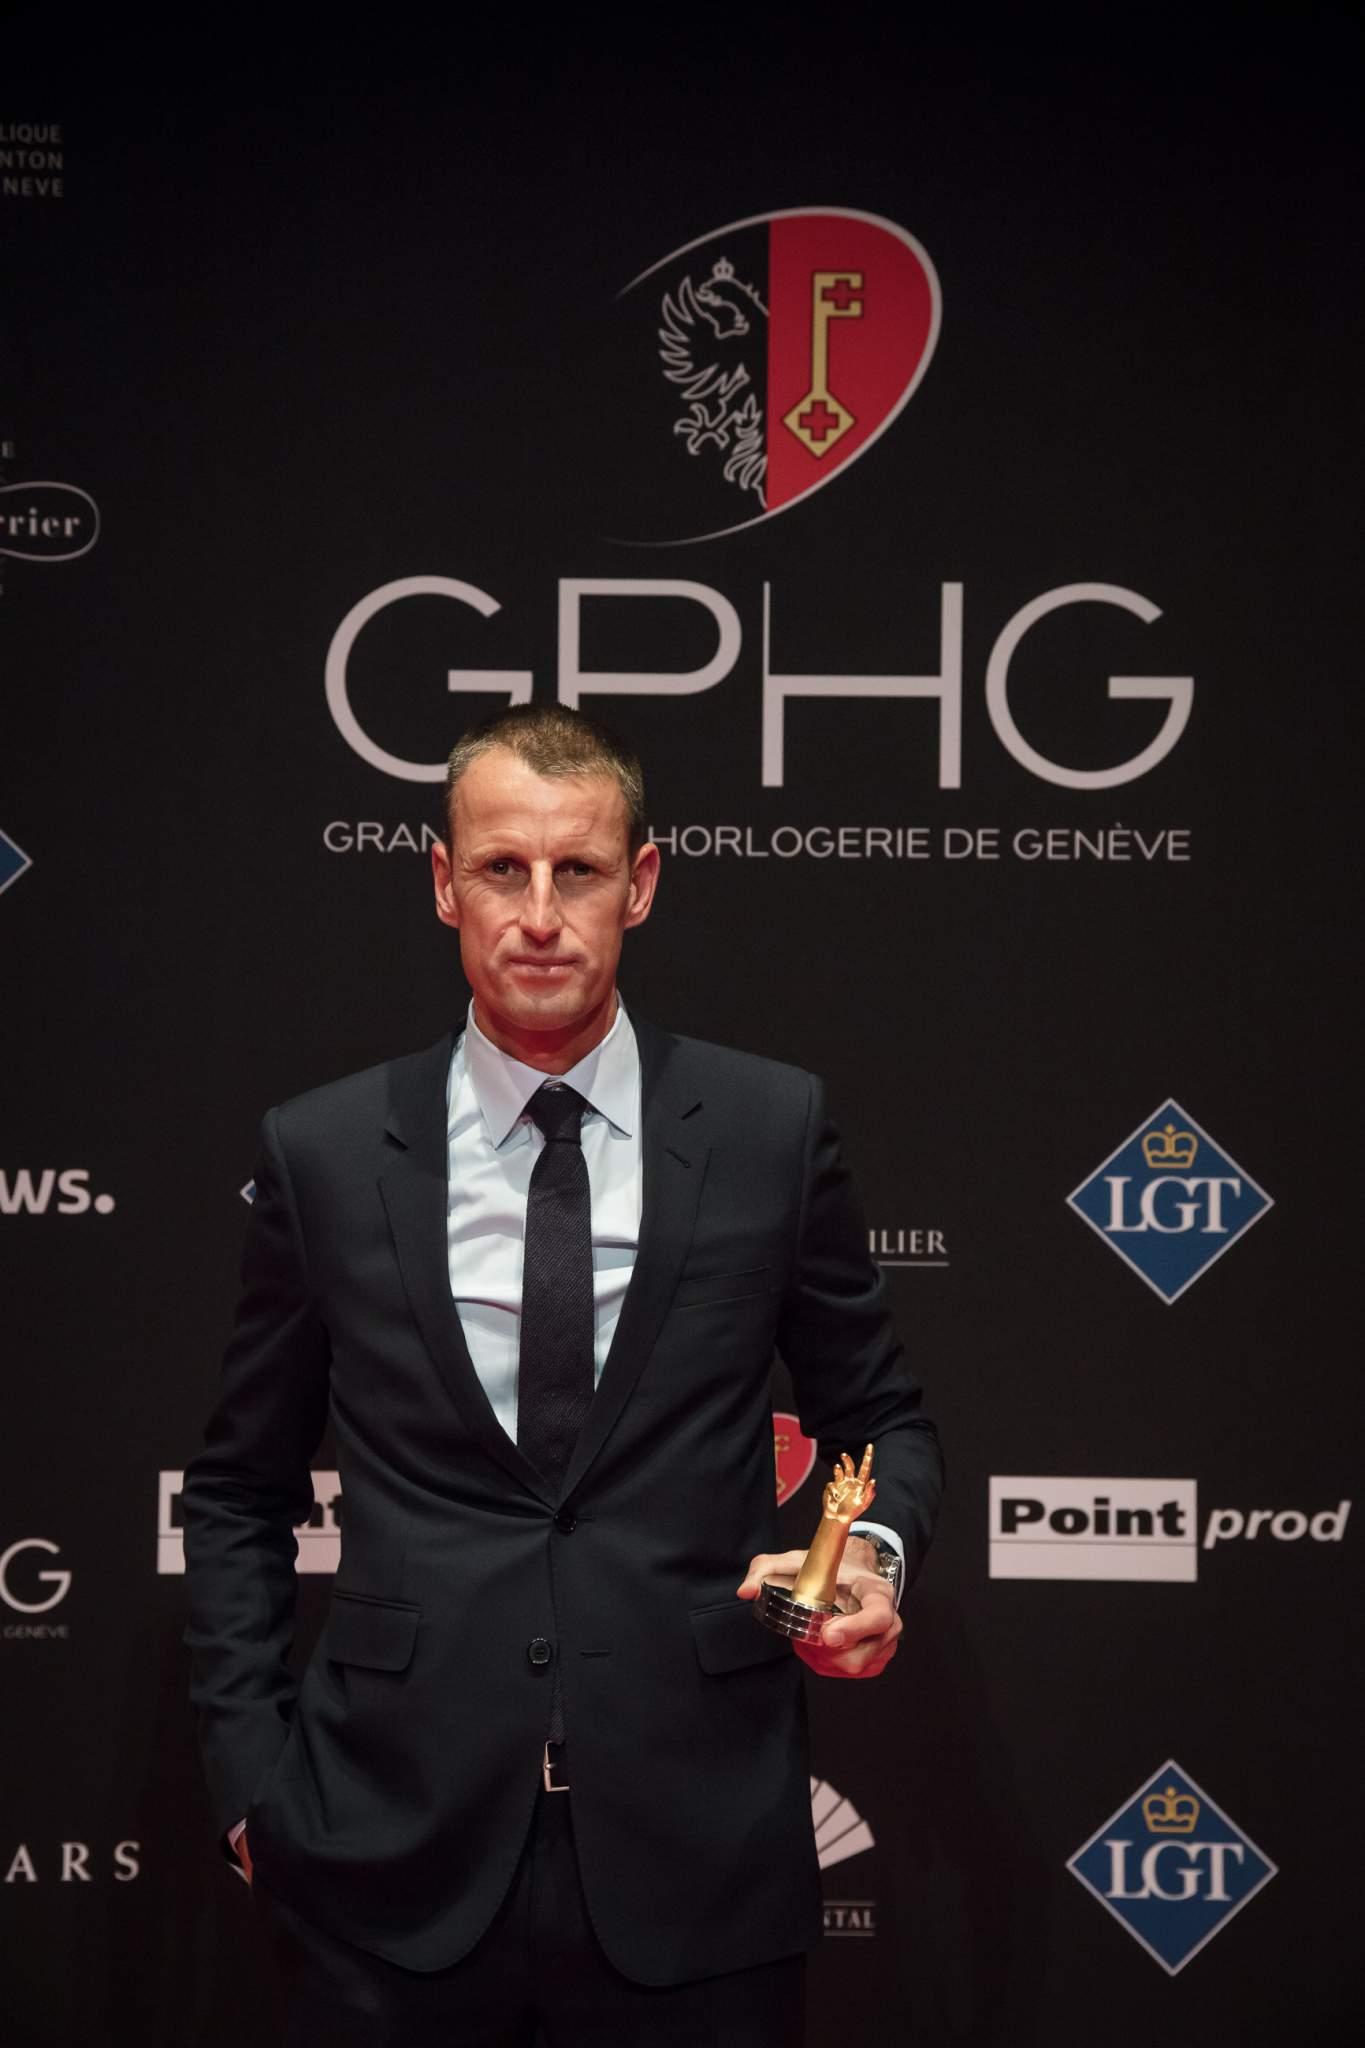 Patrick Pruniaux (CEO de Ulysse Nardin, lauréat du Prix de la Montre Sport 2017)